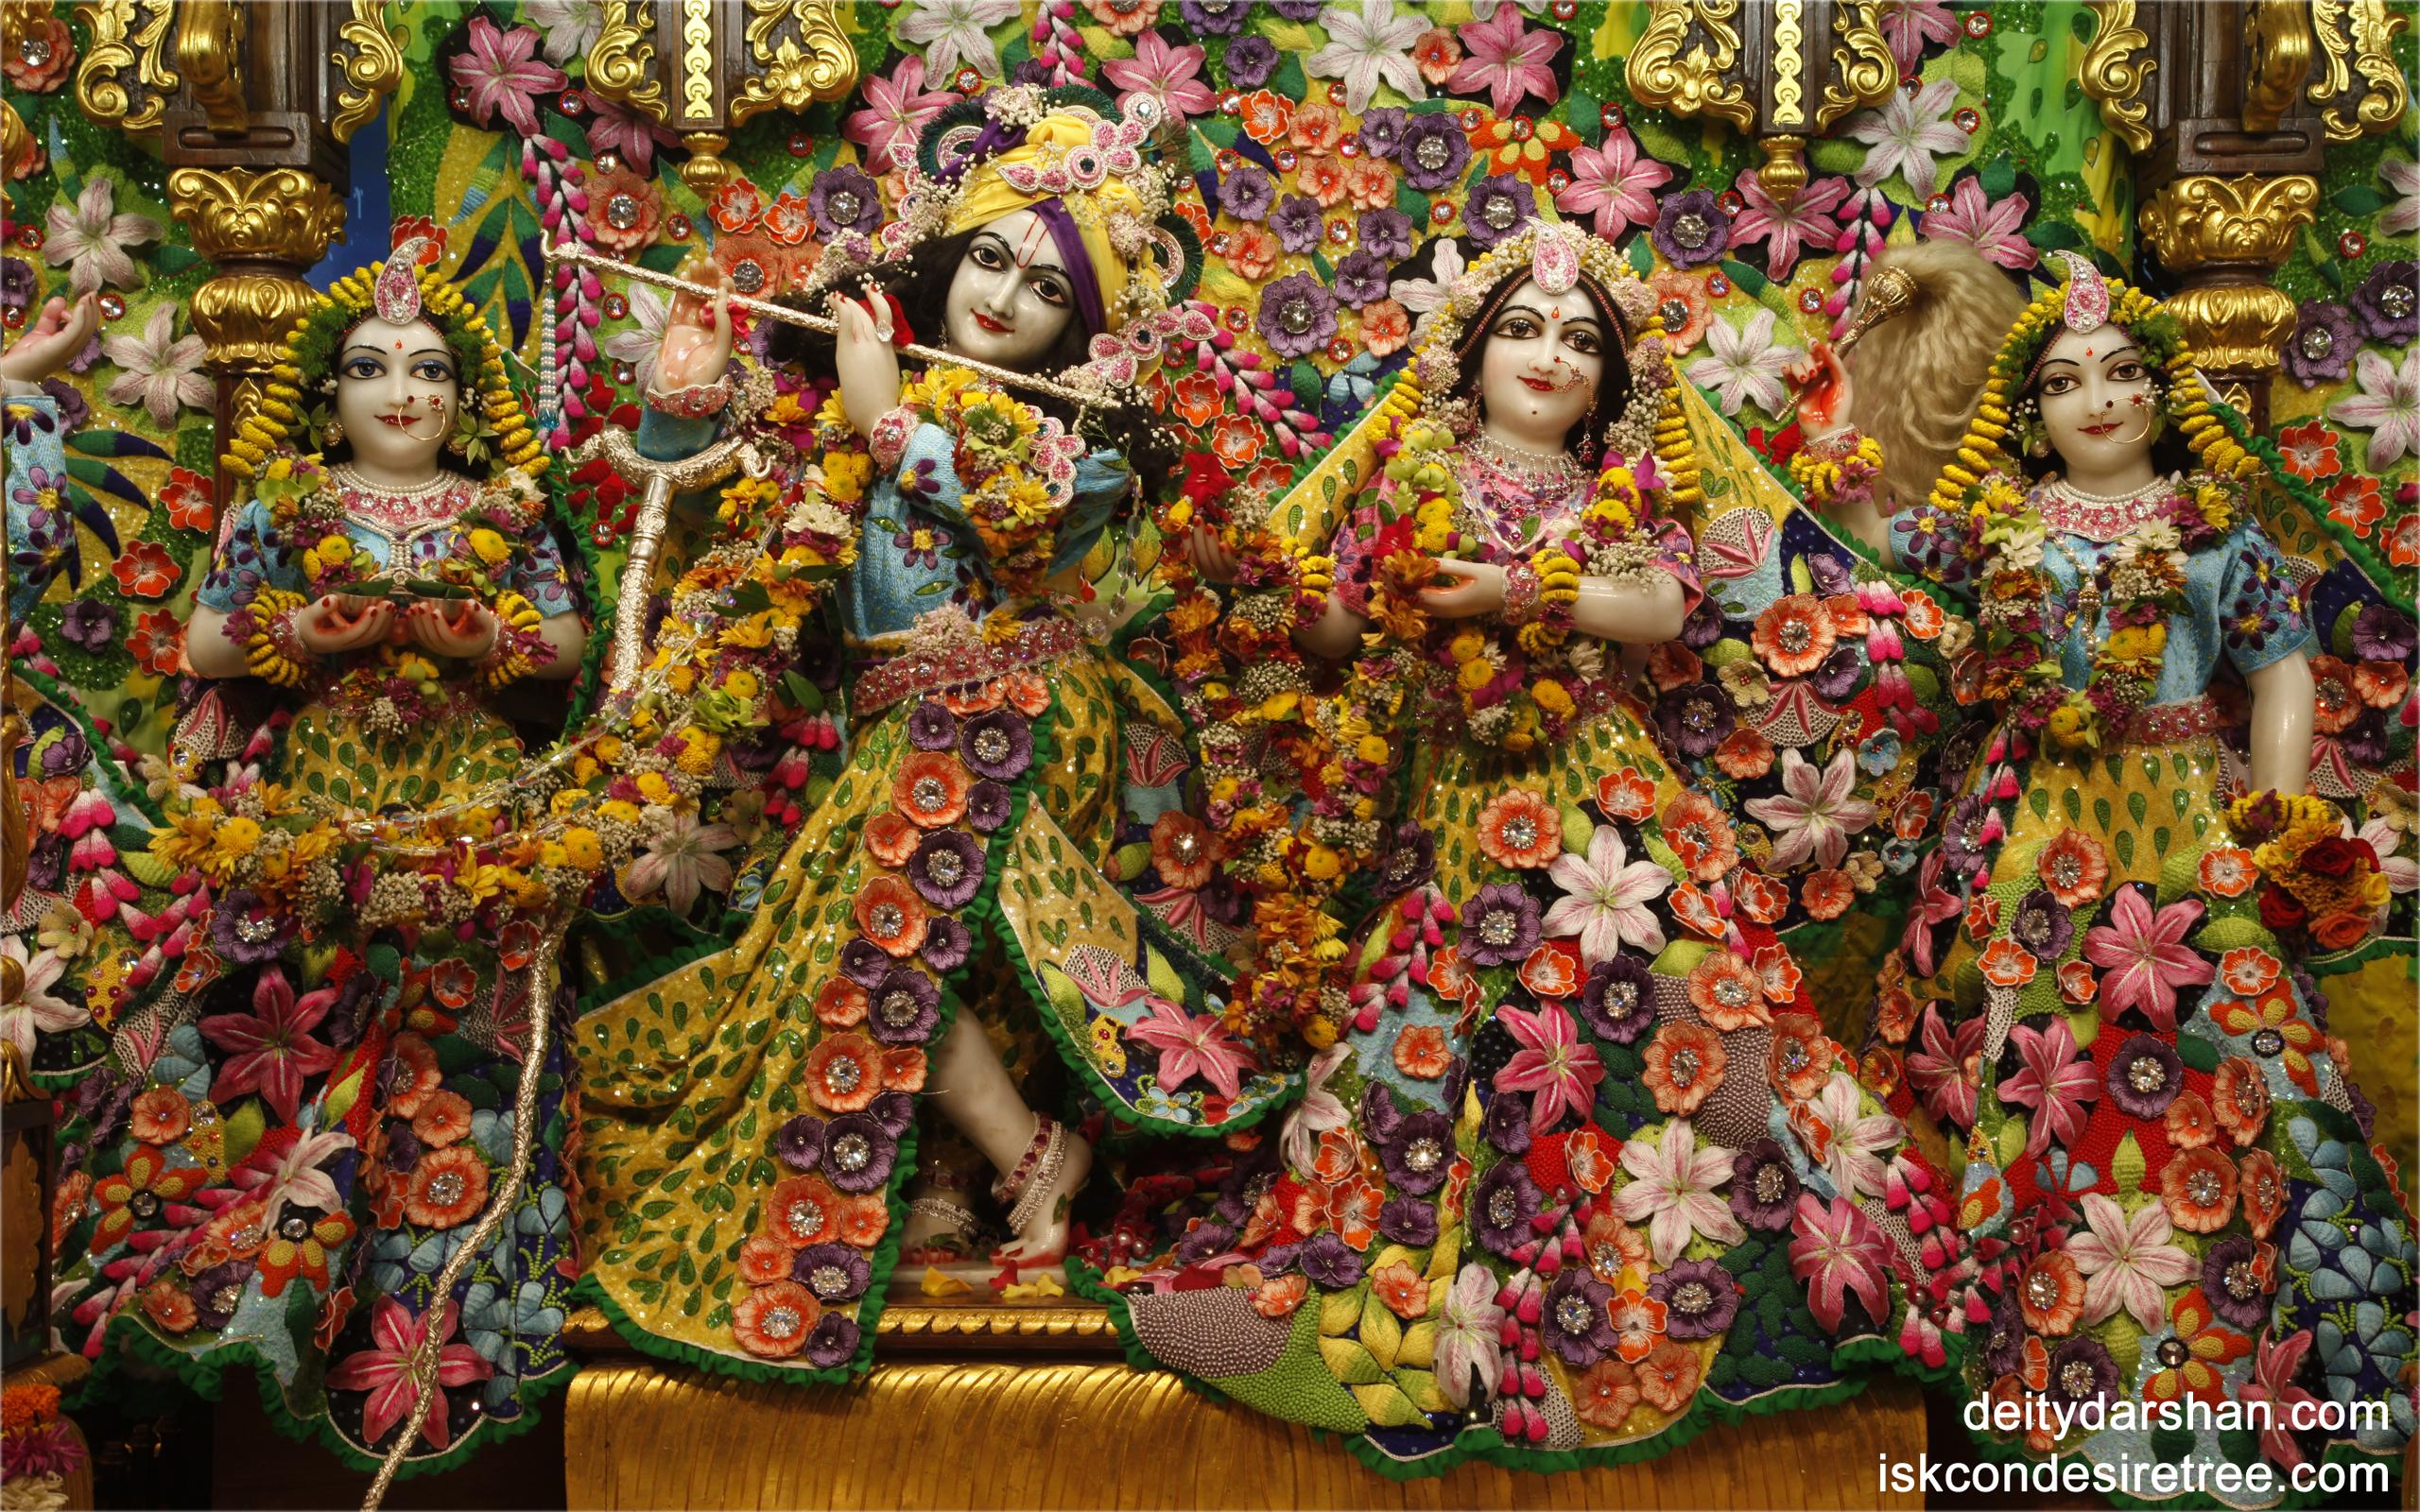 Sri Sri Radha Gopinath Lalita Vishakha Wallpaper (021) Size 2560x1600 Download